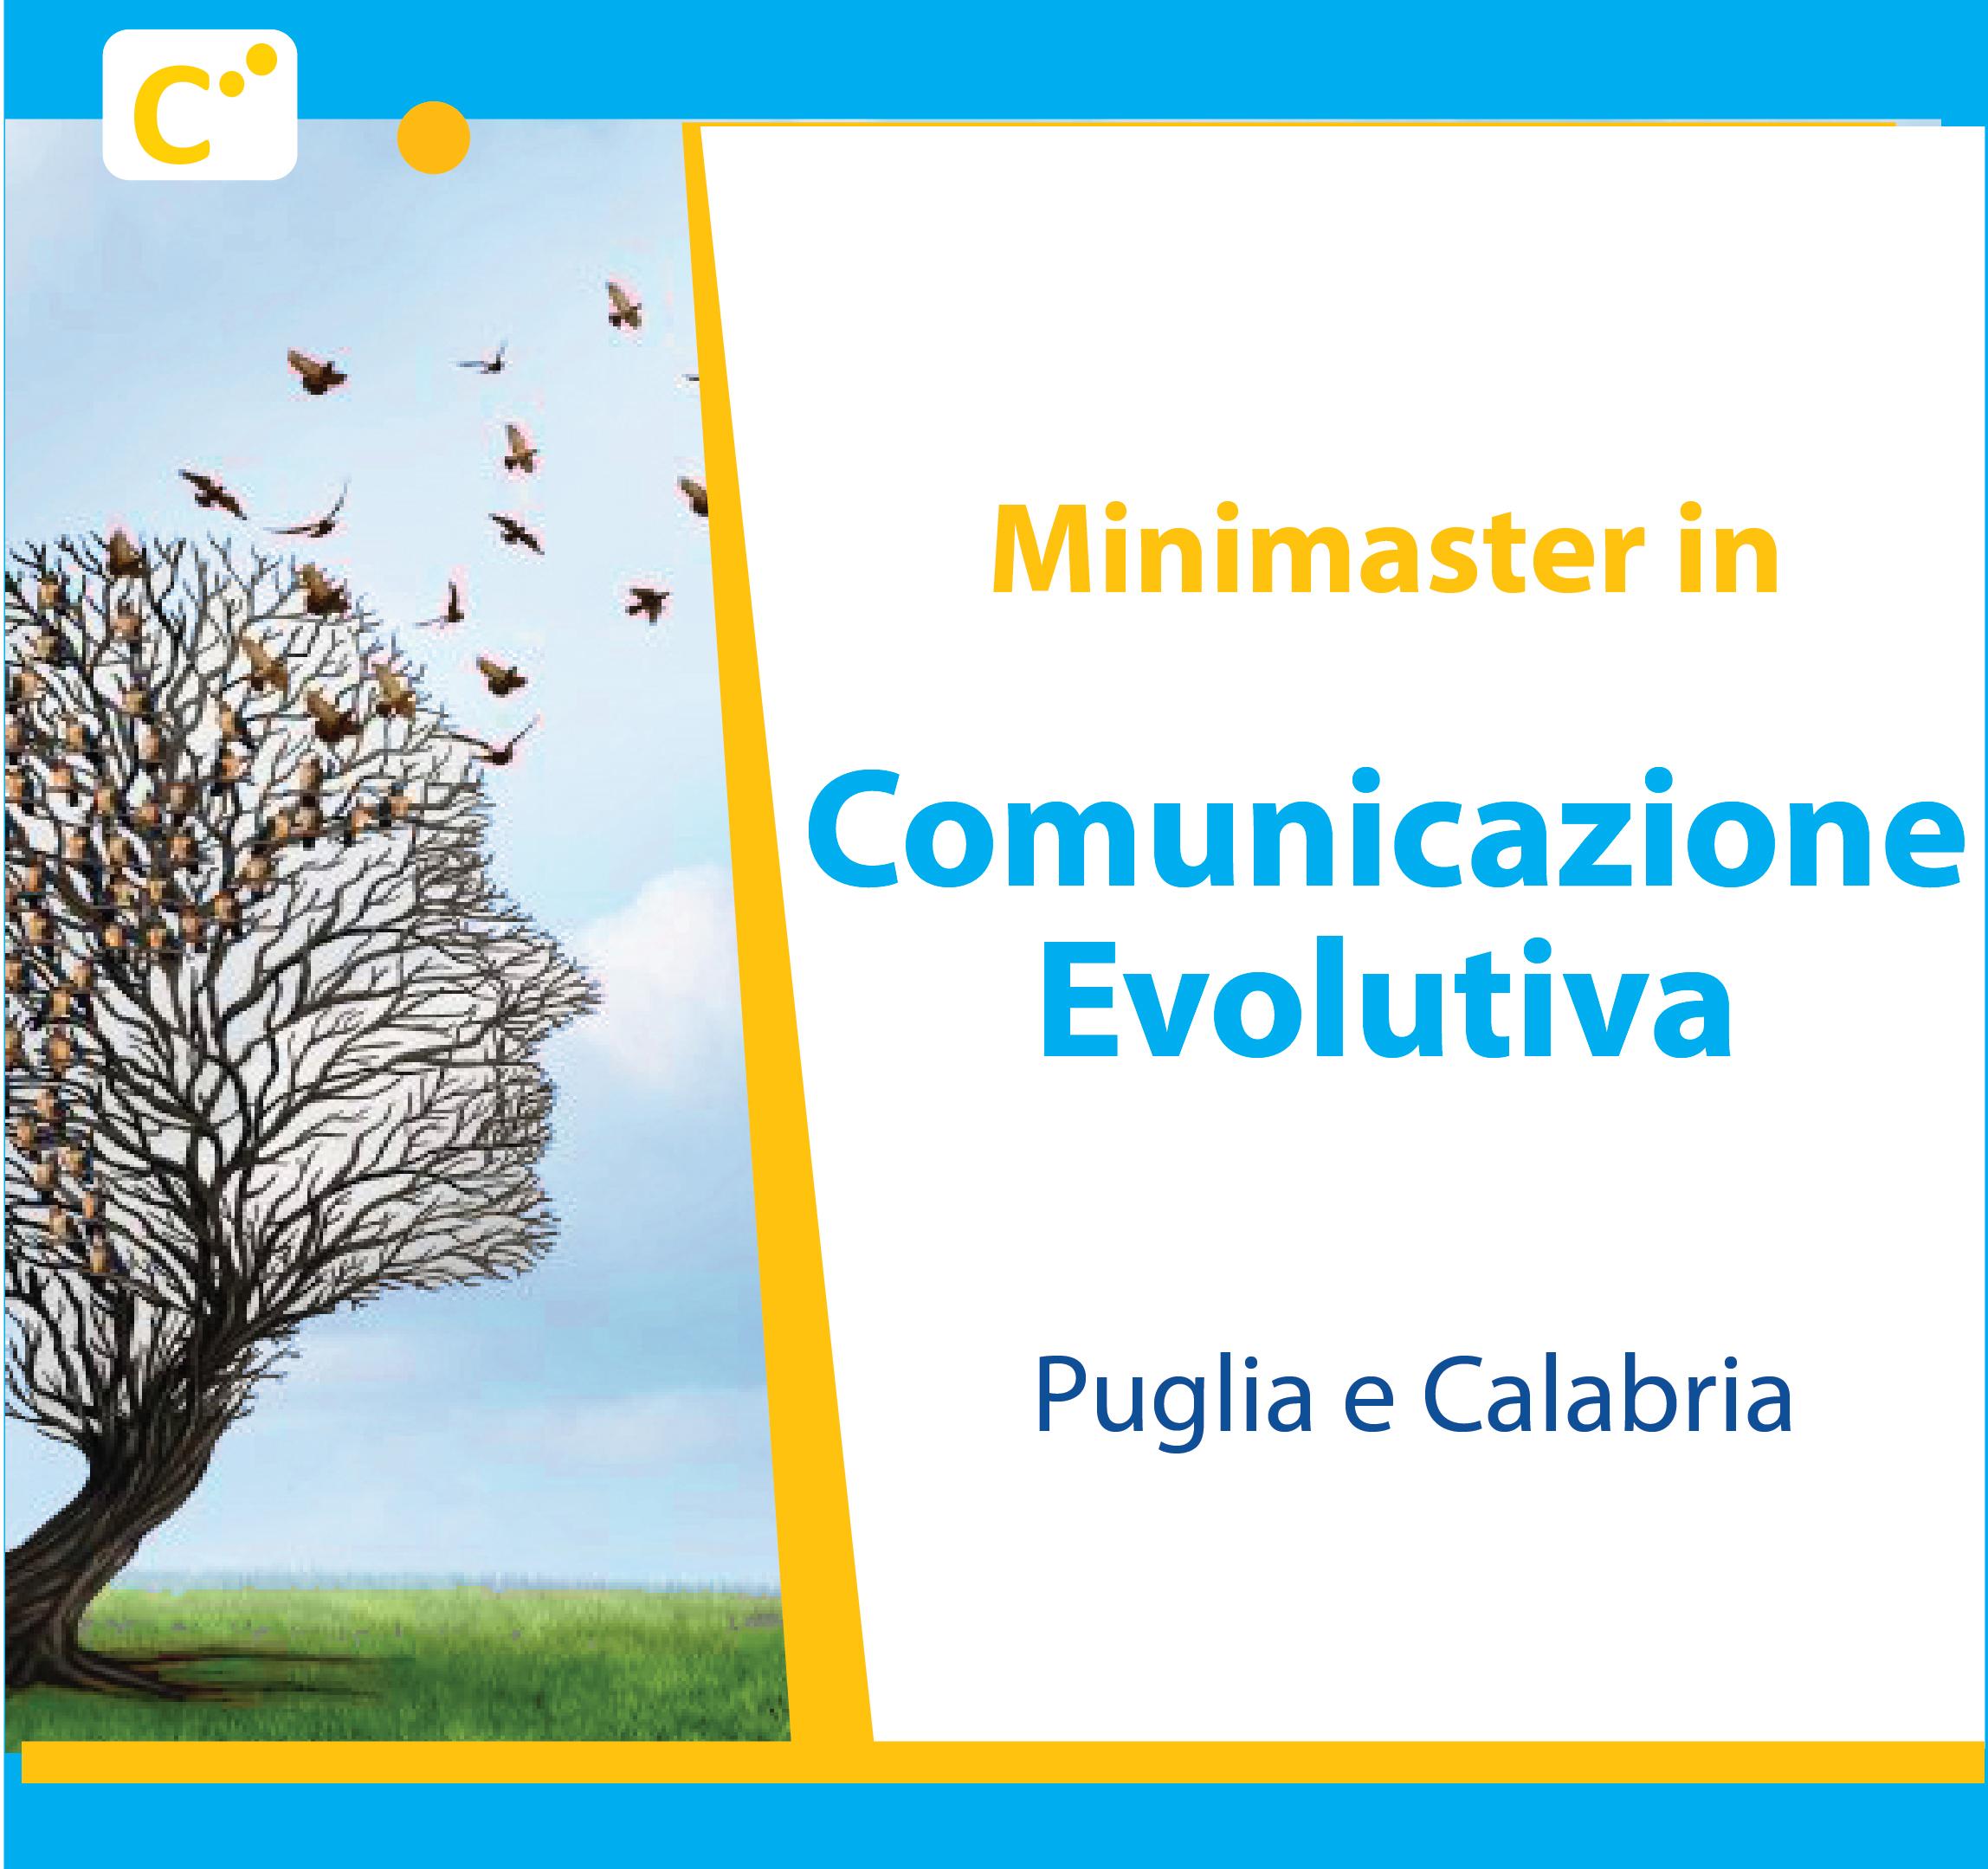 Minimaster in Comunicazione Evolutiva